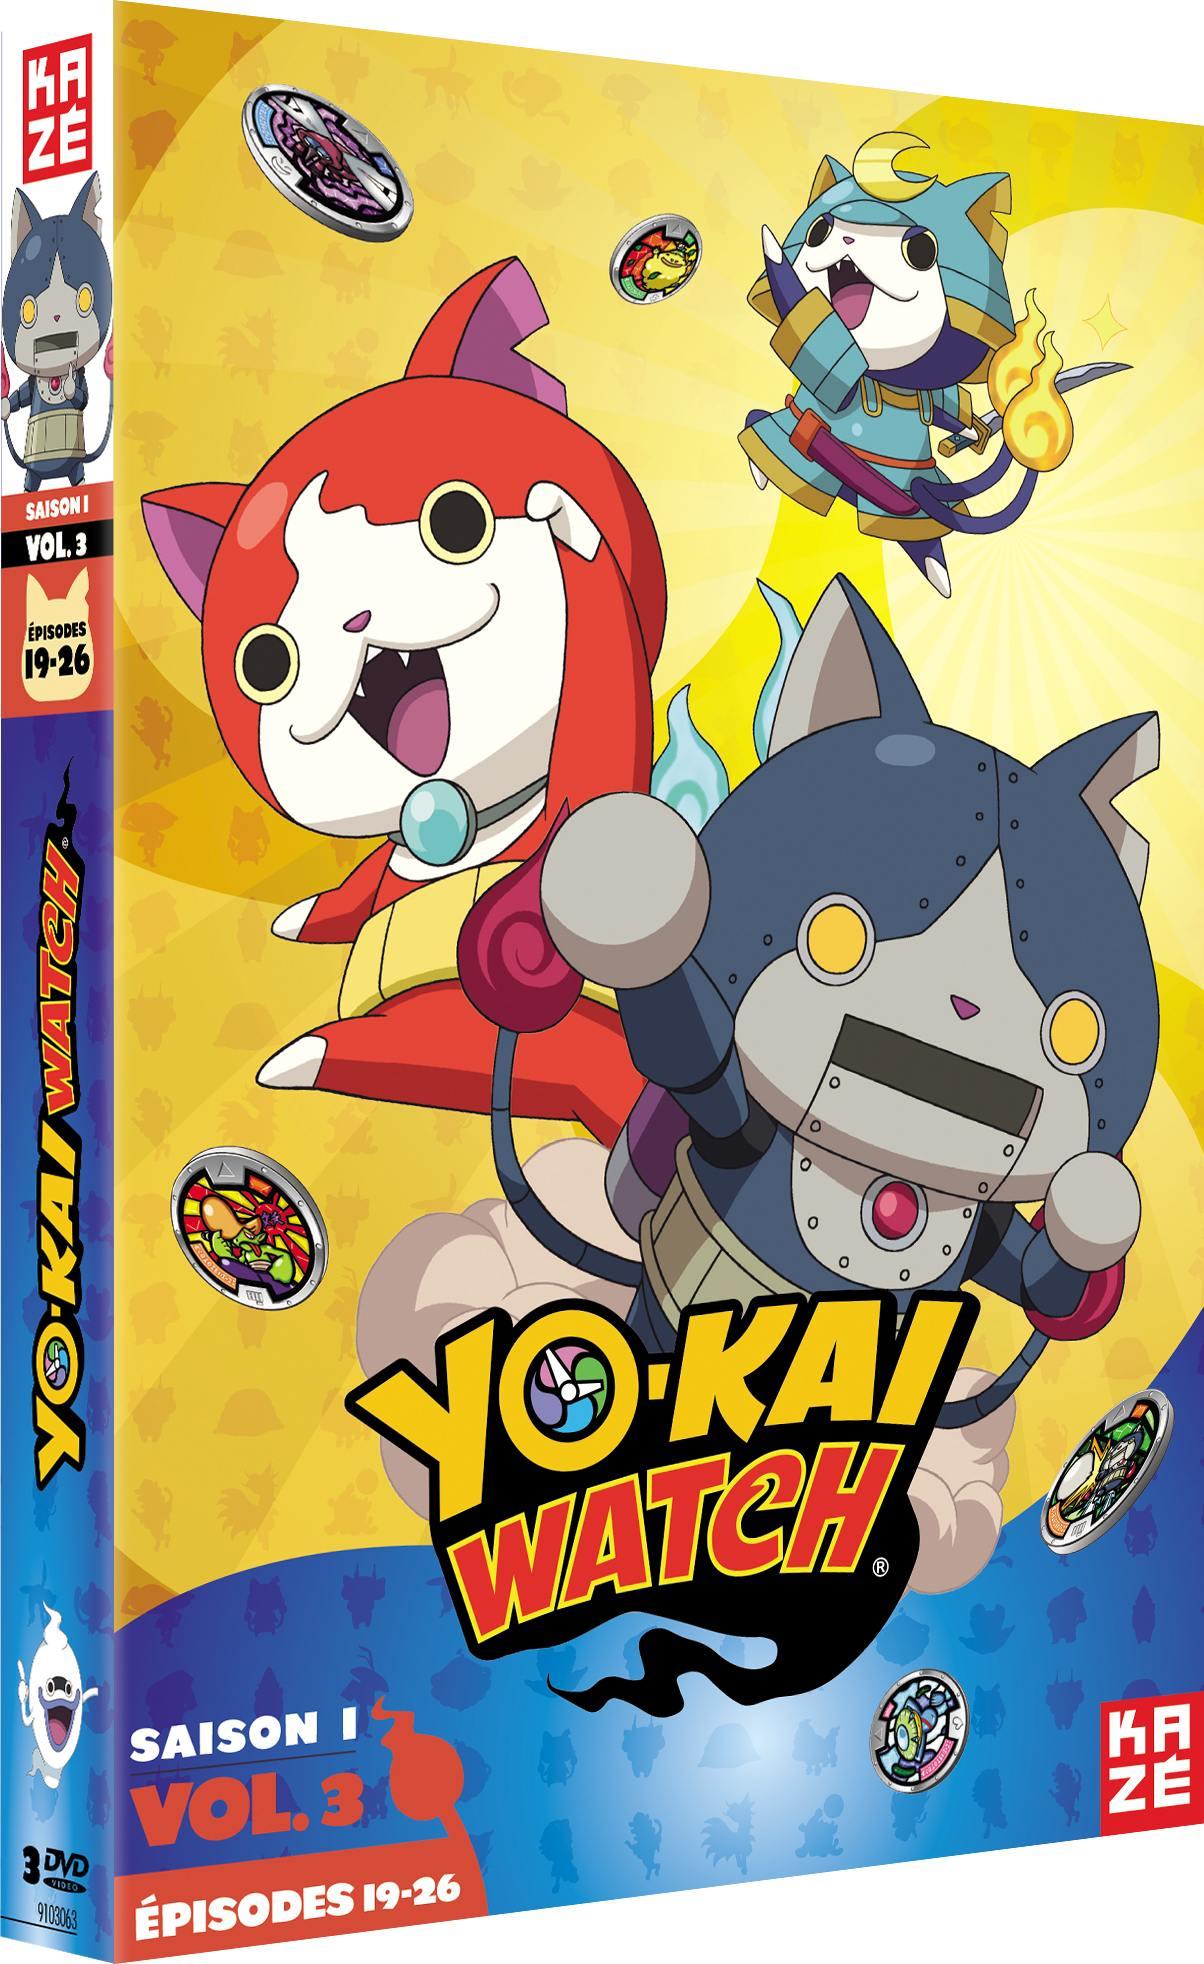 Yo-kai watch - saison 1 - partie 3 sur 3 - 3 dvd